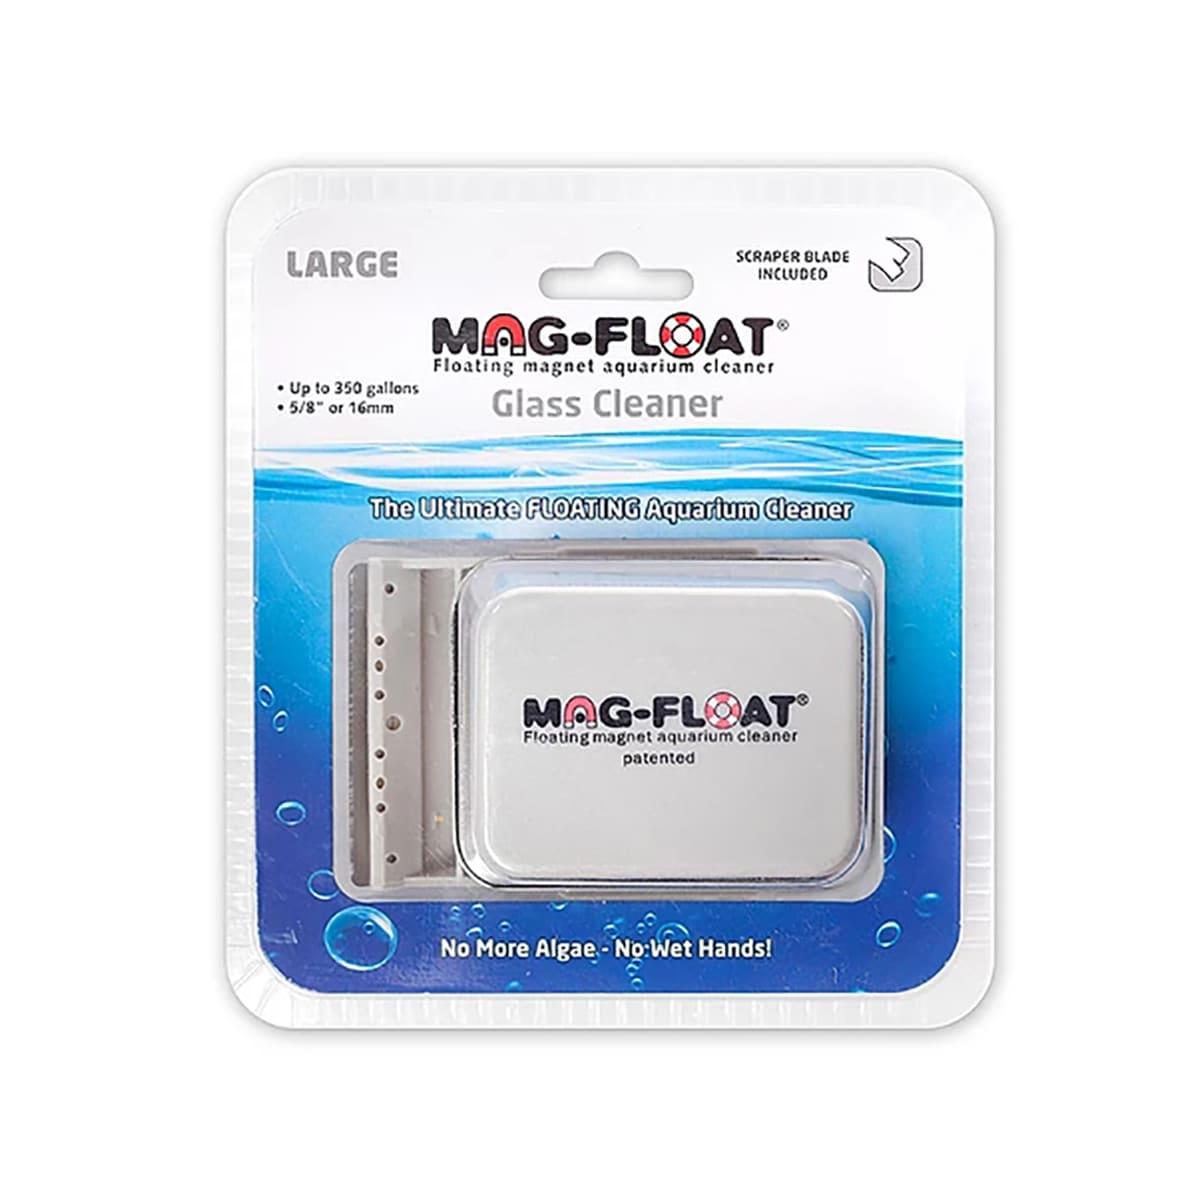 Limpador Magnético Mag-float (Large) - Vidros de até 16mm